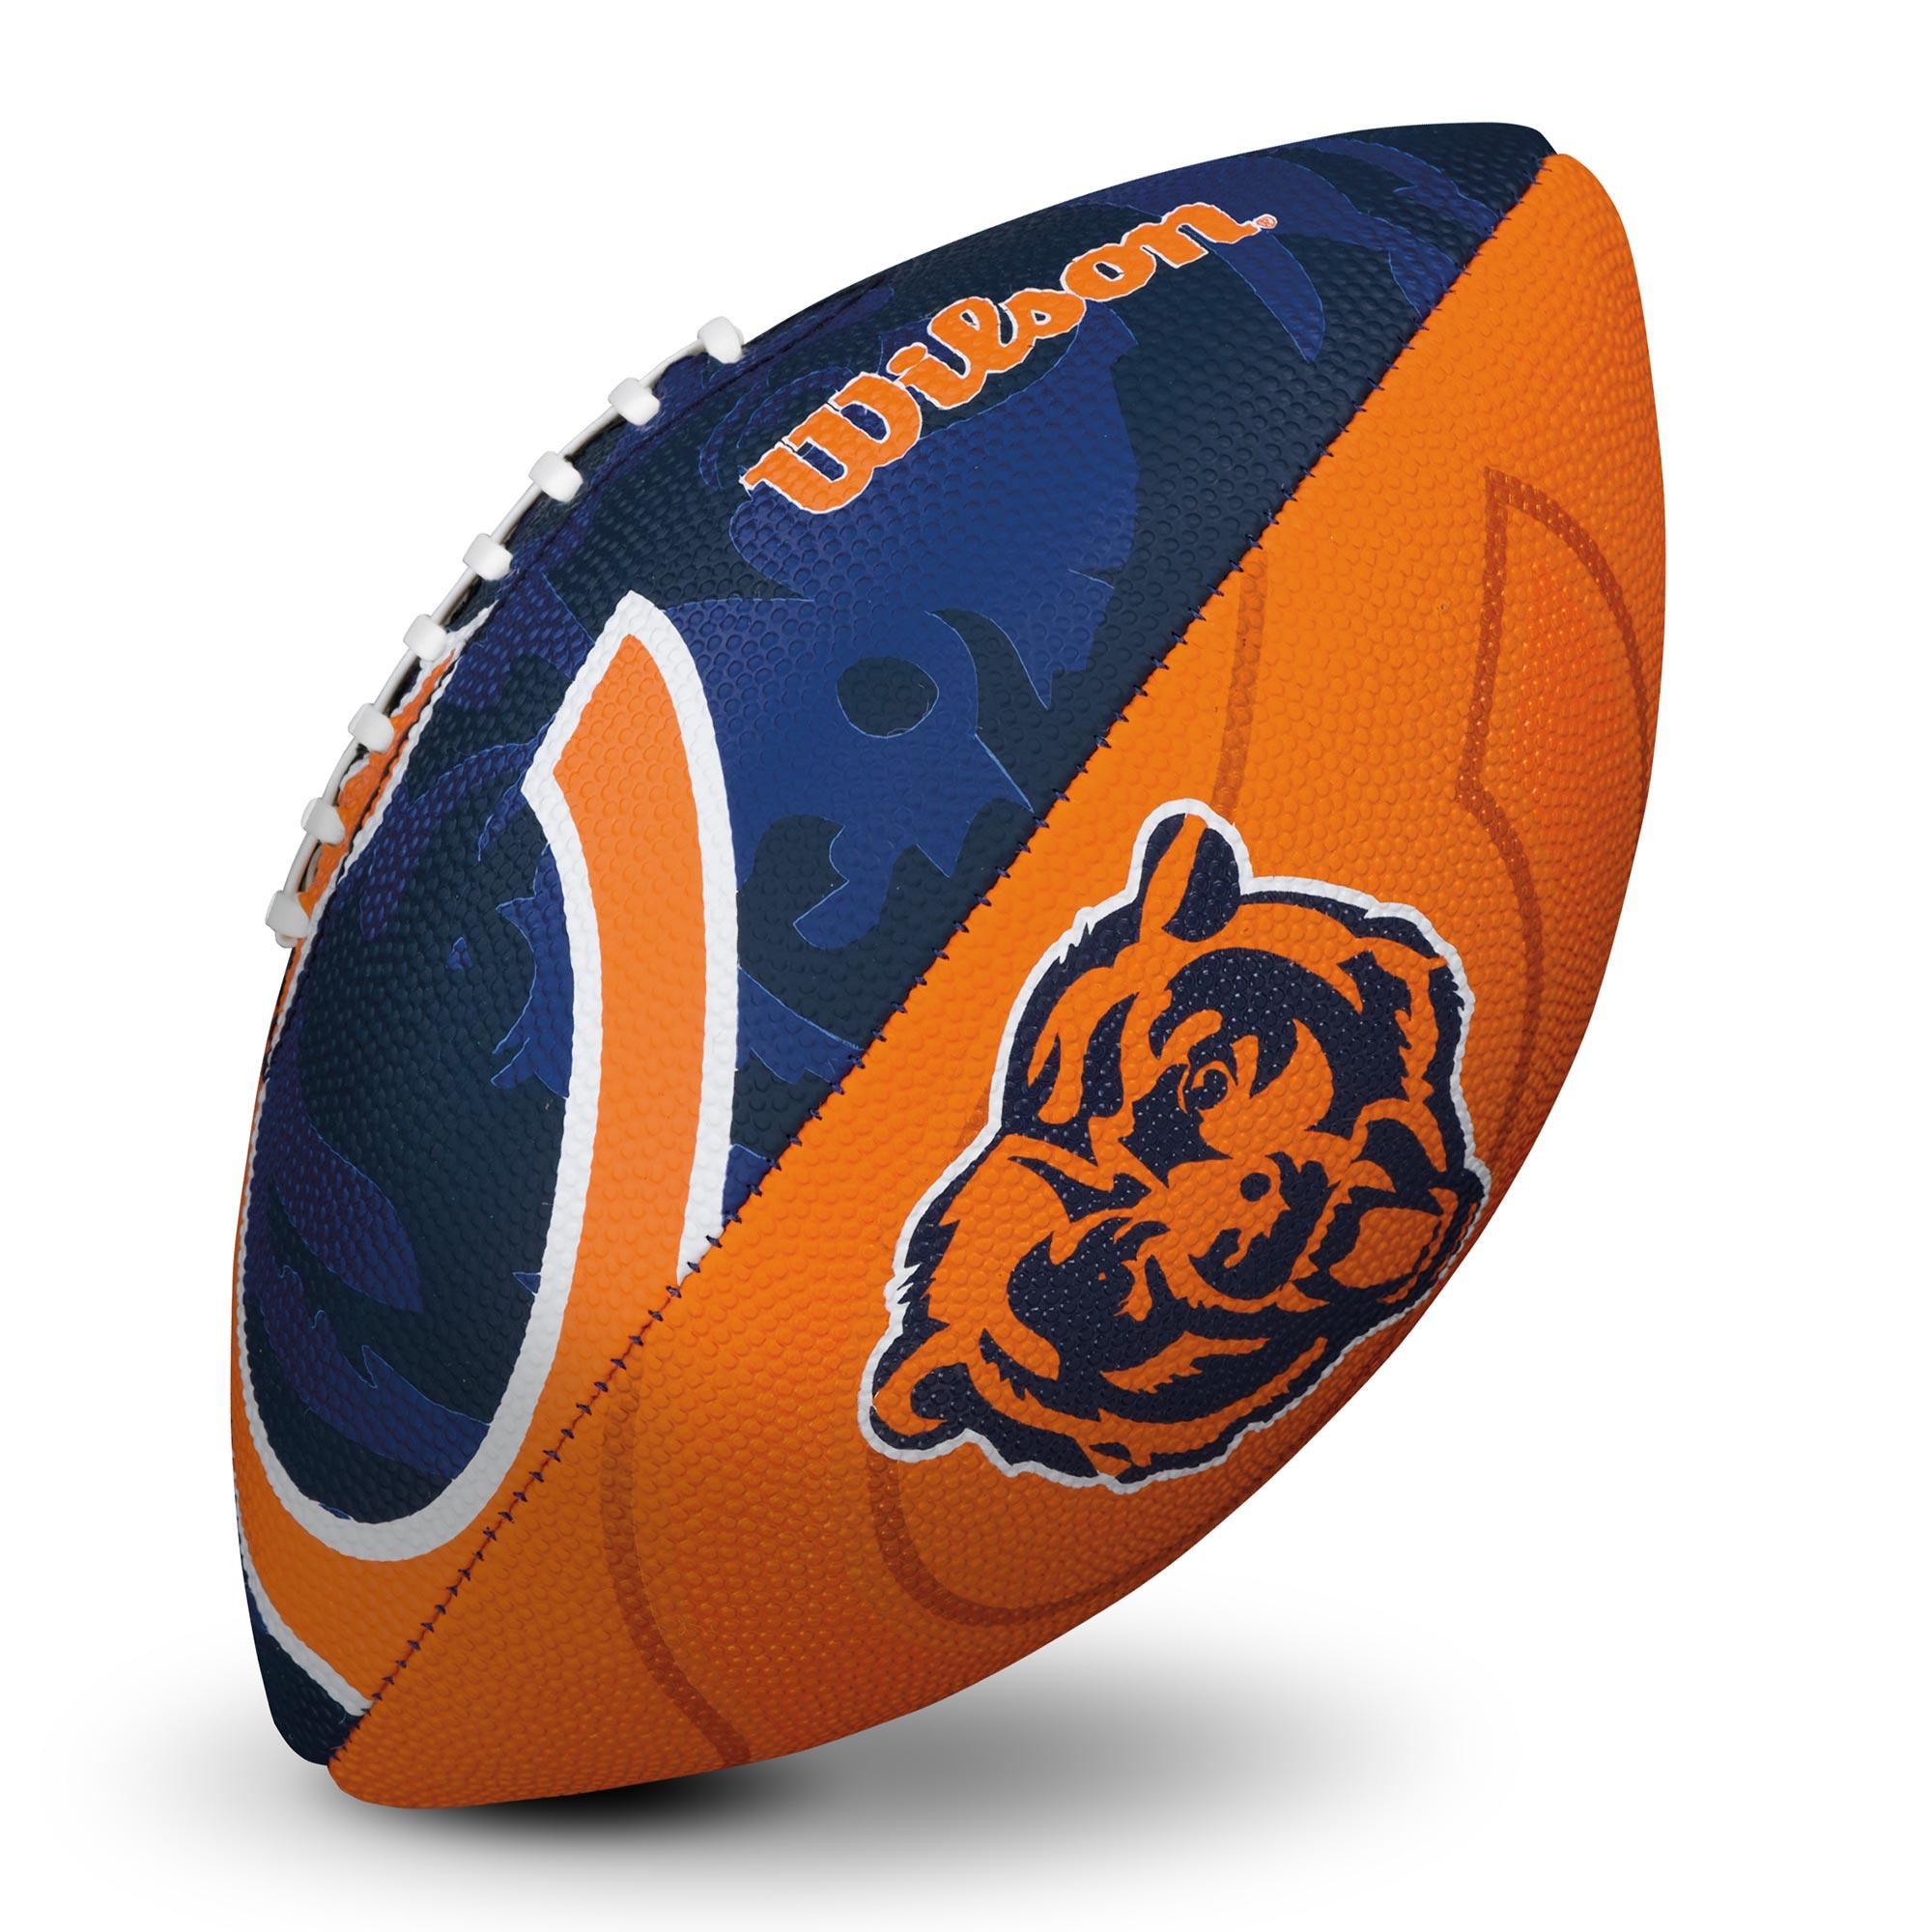 Chicago Bears Football mit Teamlogo für Kinder